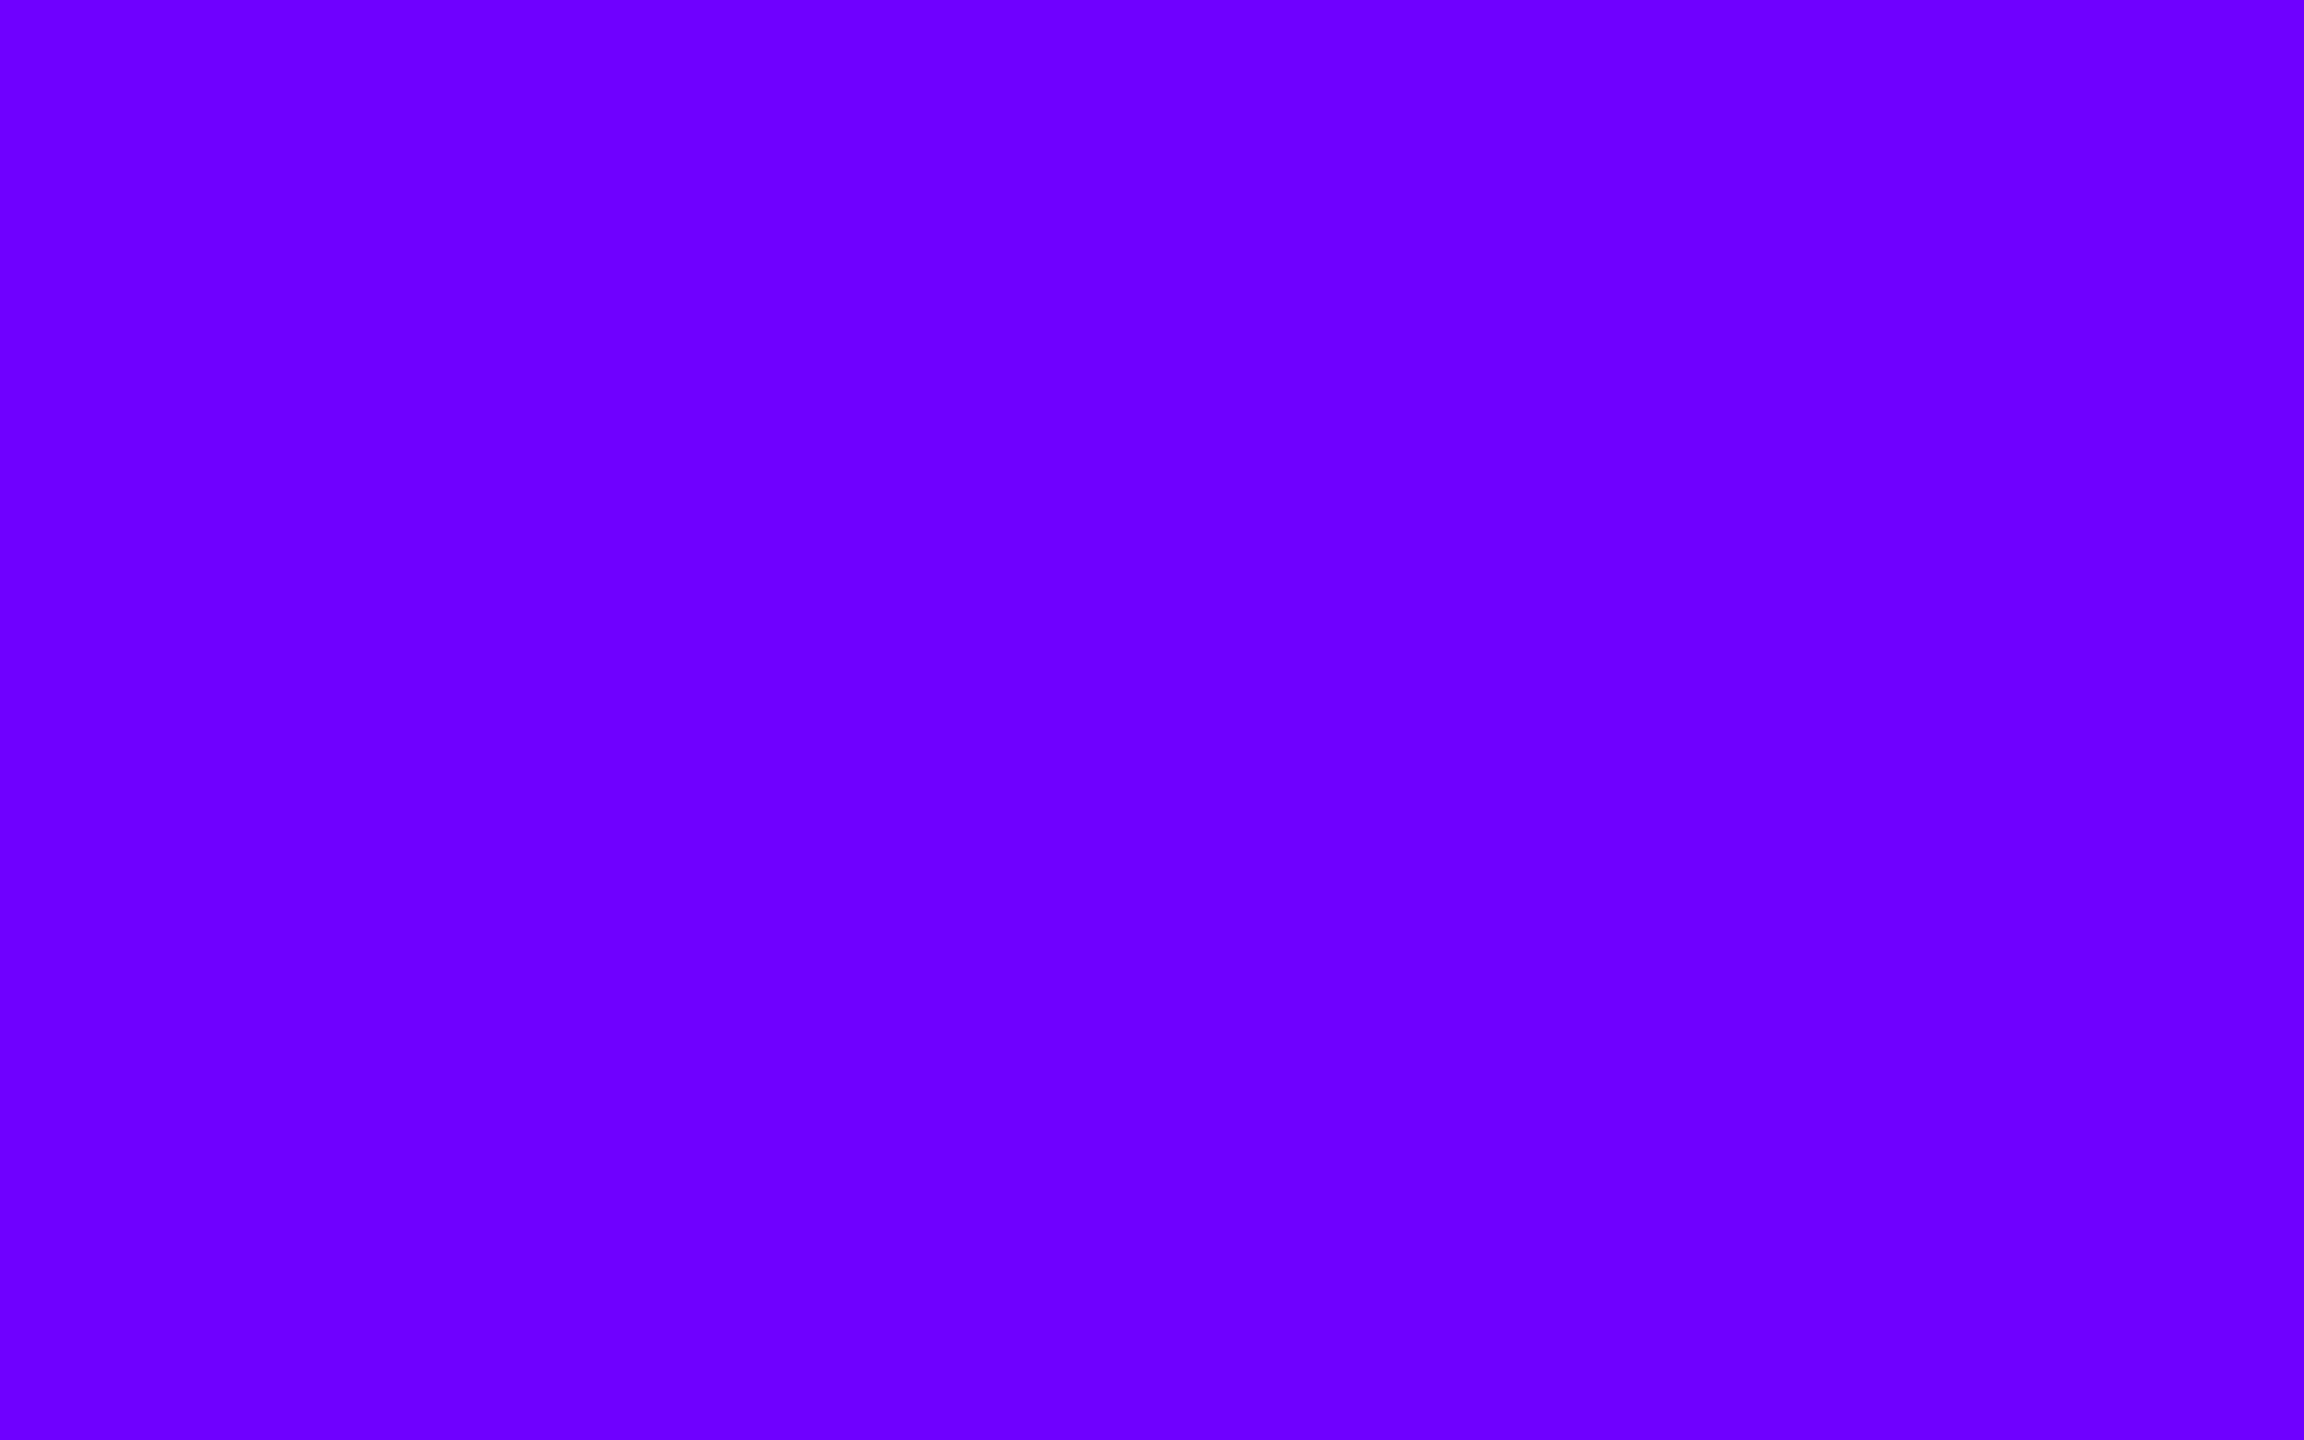 2304x1440 Indigo Solid Color Background